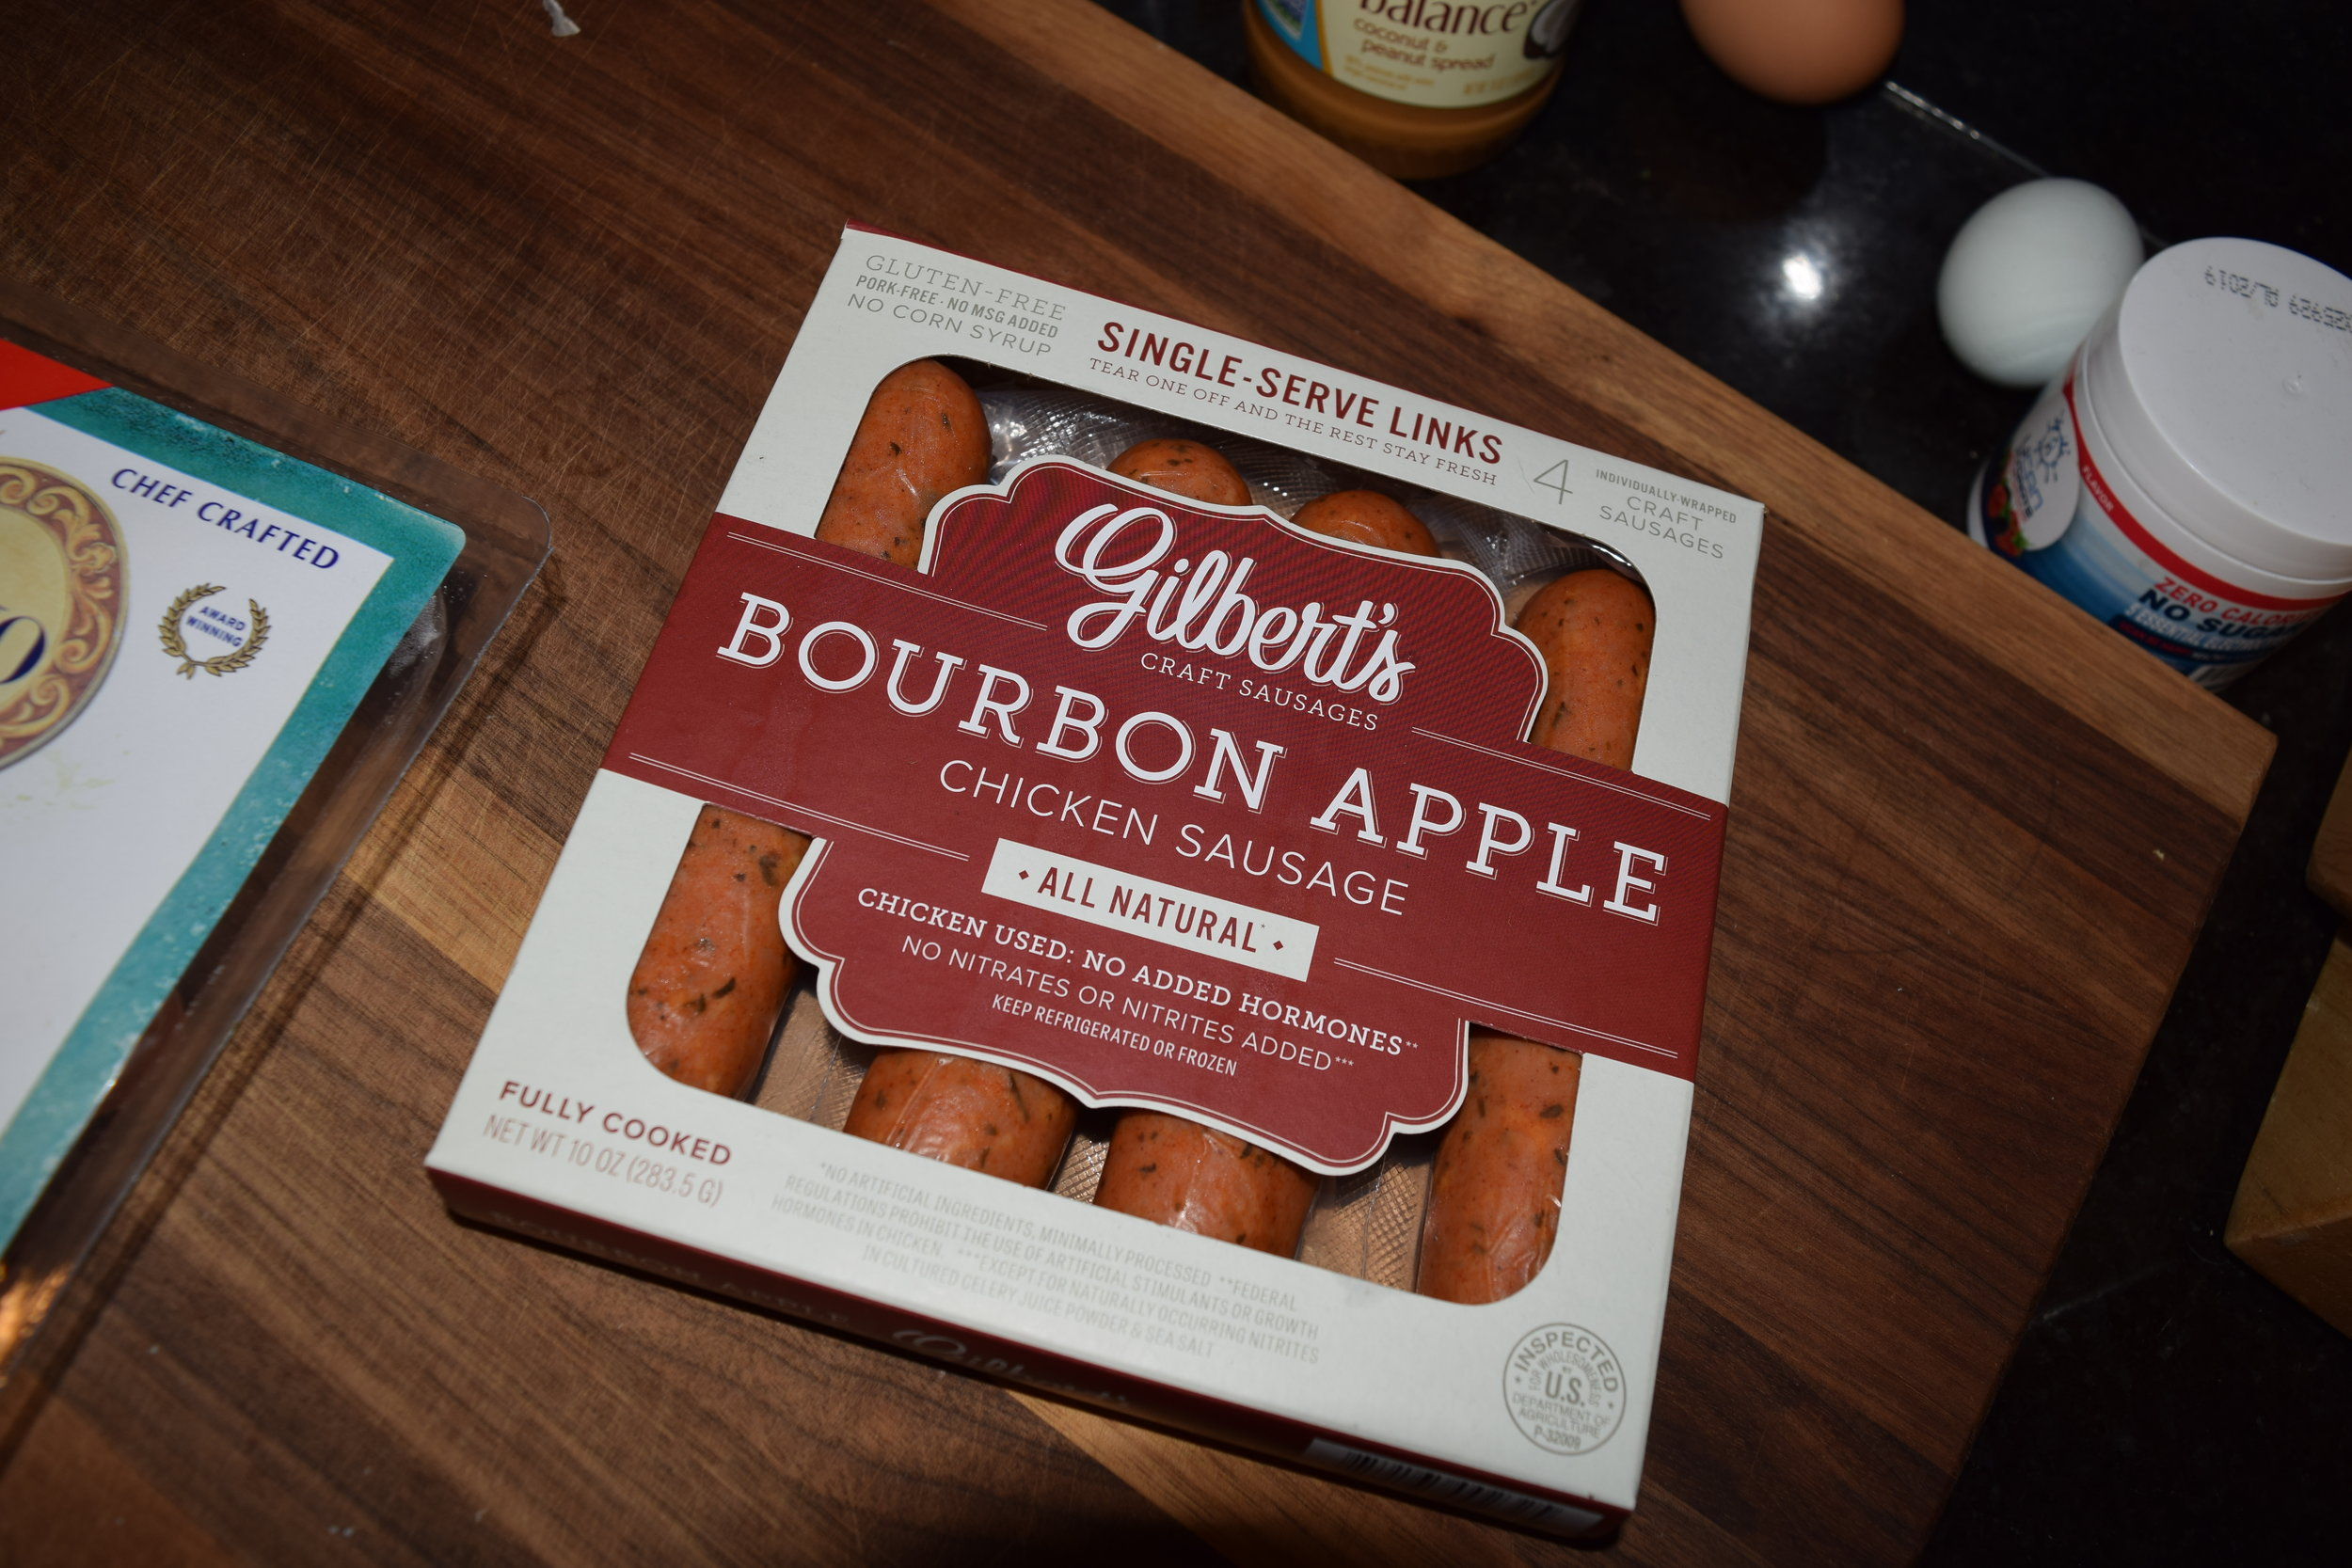 Gilberts Gluten-free Bourbon Apple Chicken Sausage